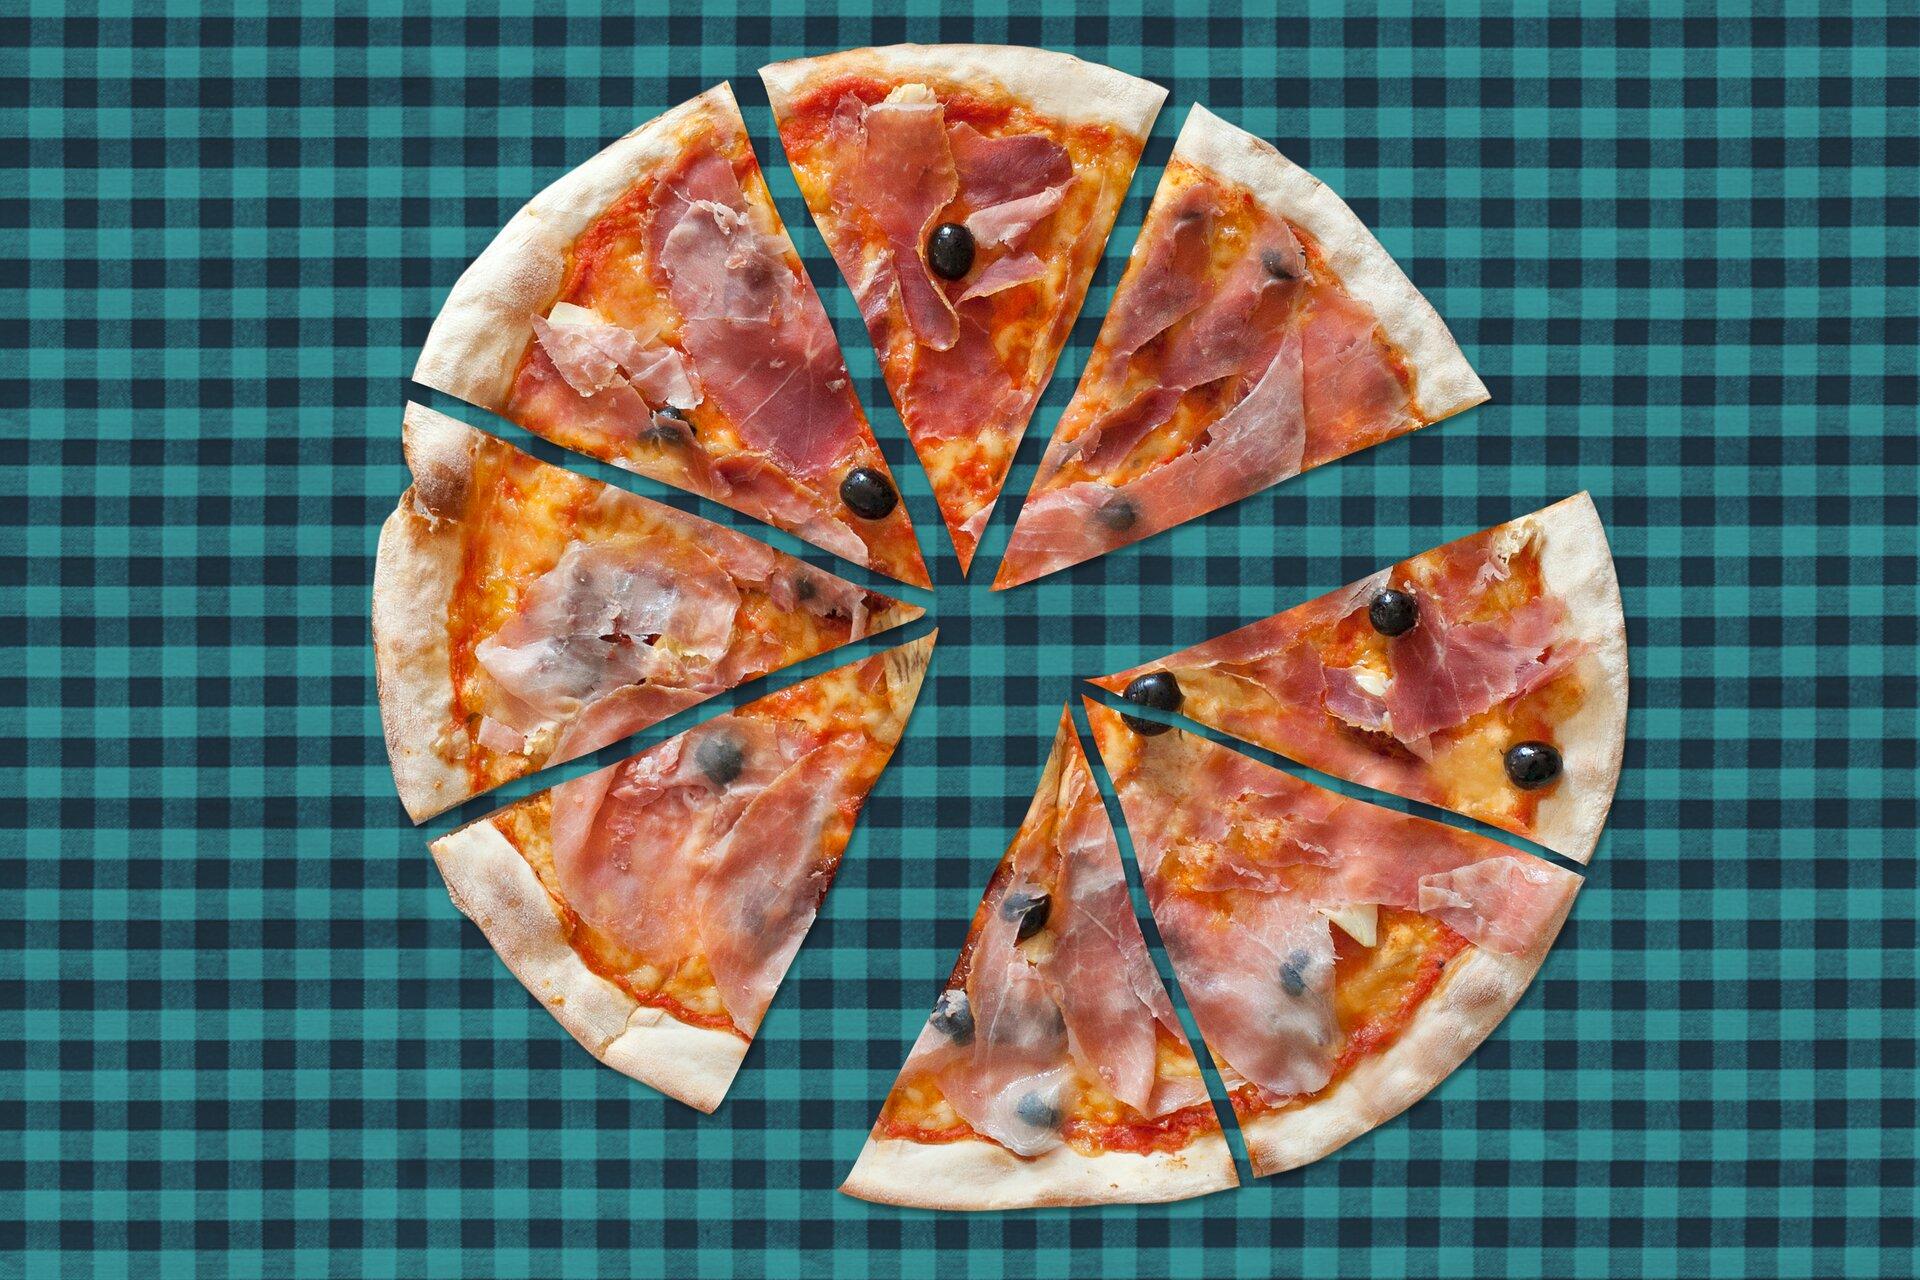 Rysunek pizzy podzielonej na osiem części.